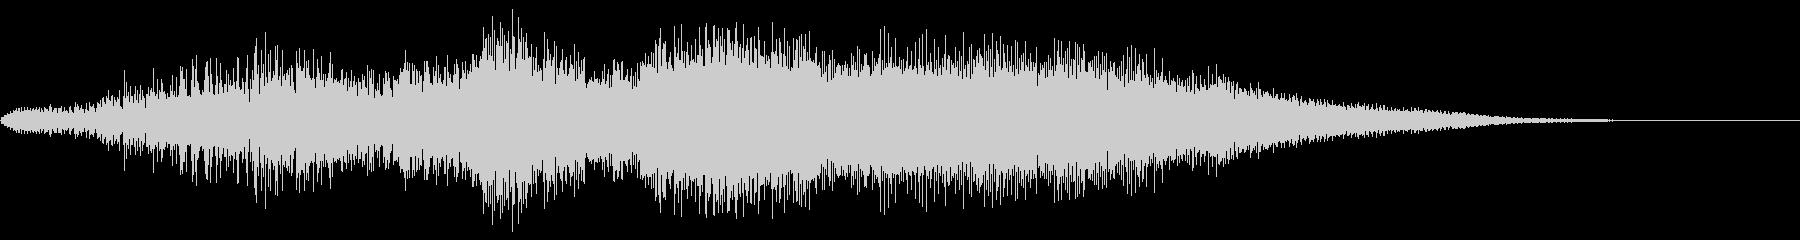 ハープのグリッサンドとボイス系シンセの未再生の波形